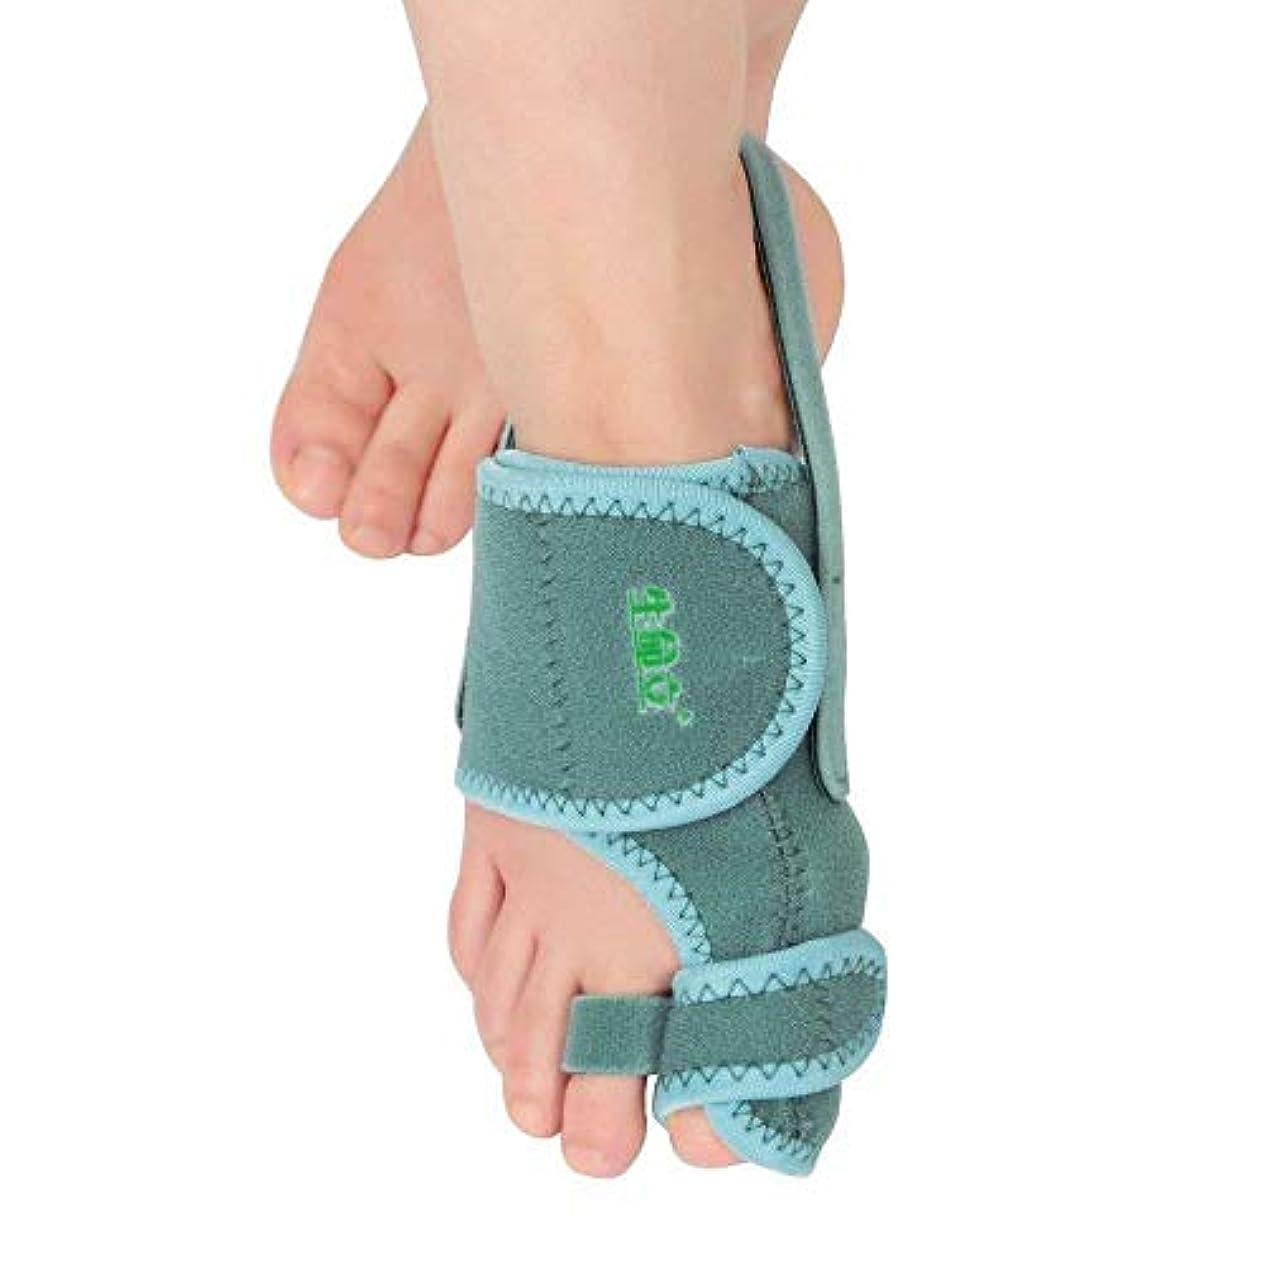 困ったキャッチ徐々に外反母ortho装具、女性と男性の足の親指の矯正用セパレーターの腱膜瘤緩和のための夜間親指つま先外反,Left Foot